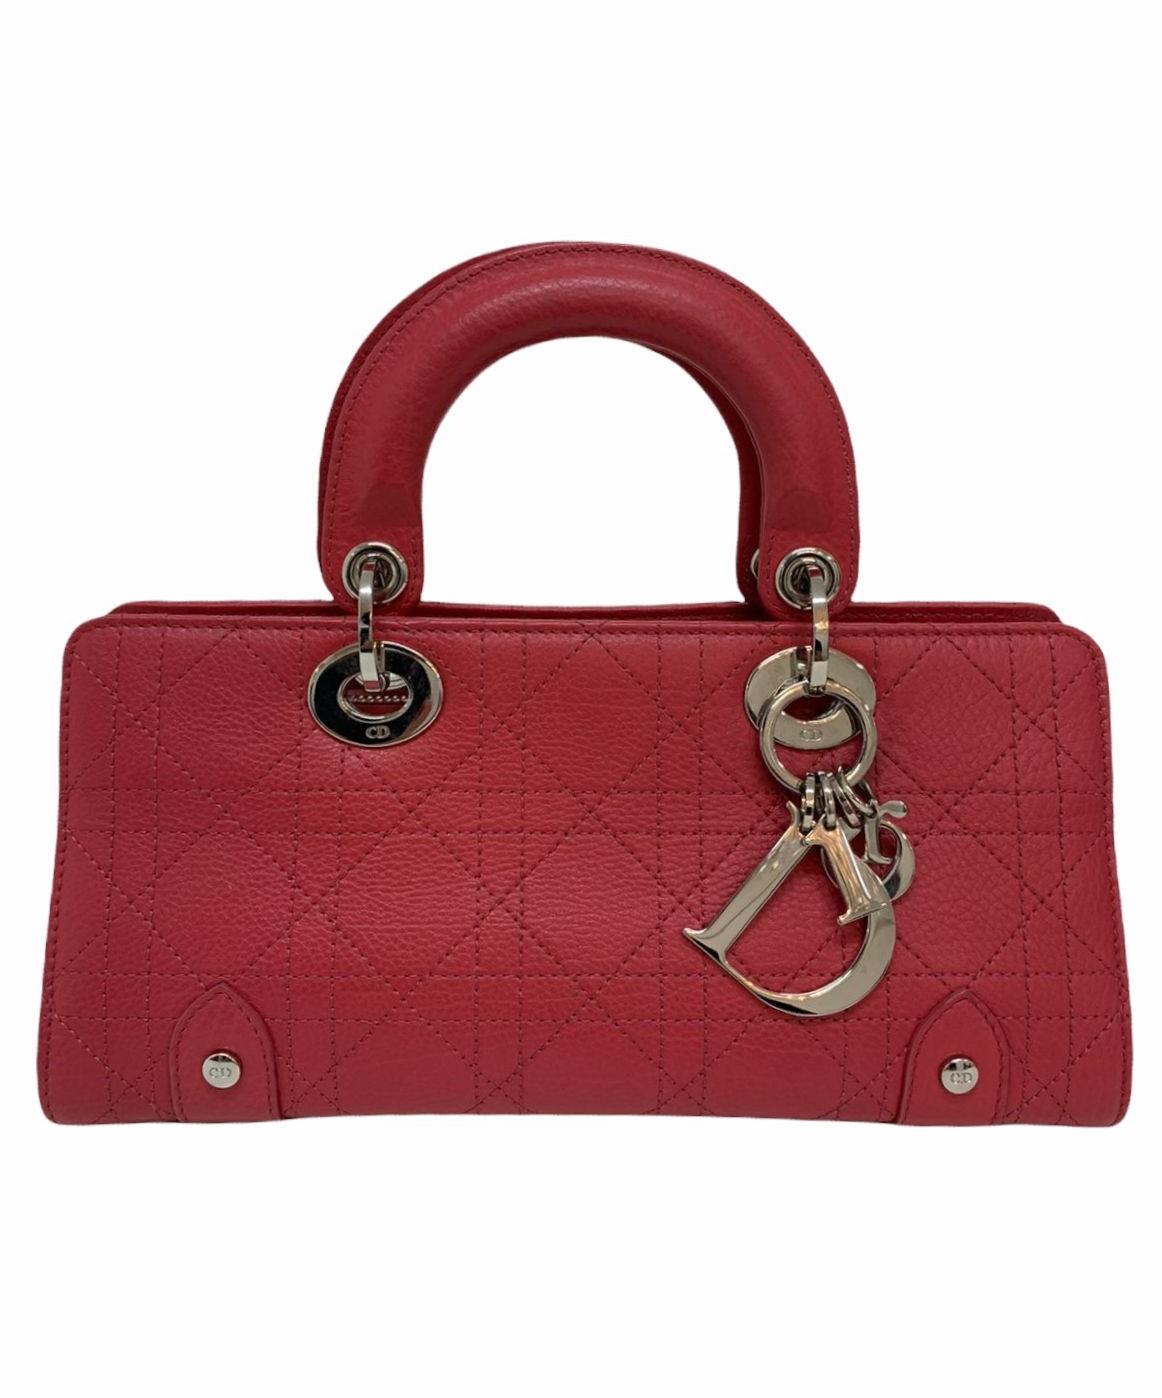 Bolsa Dior Lady Dior East West Cannage Stitch Leather Coral